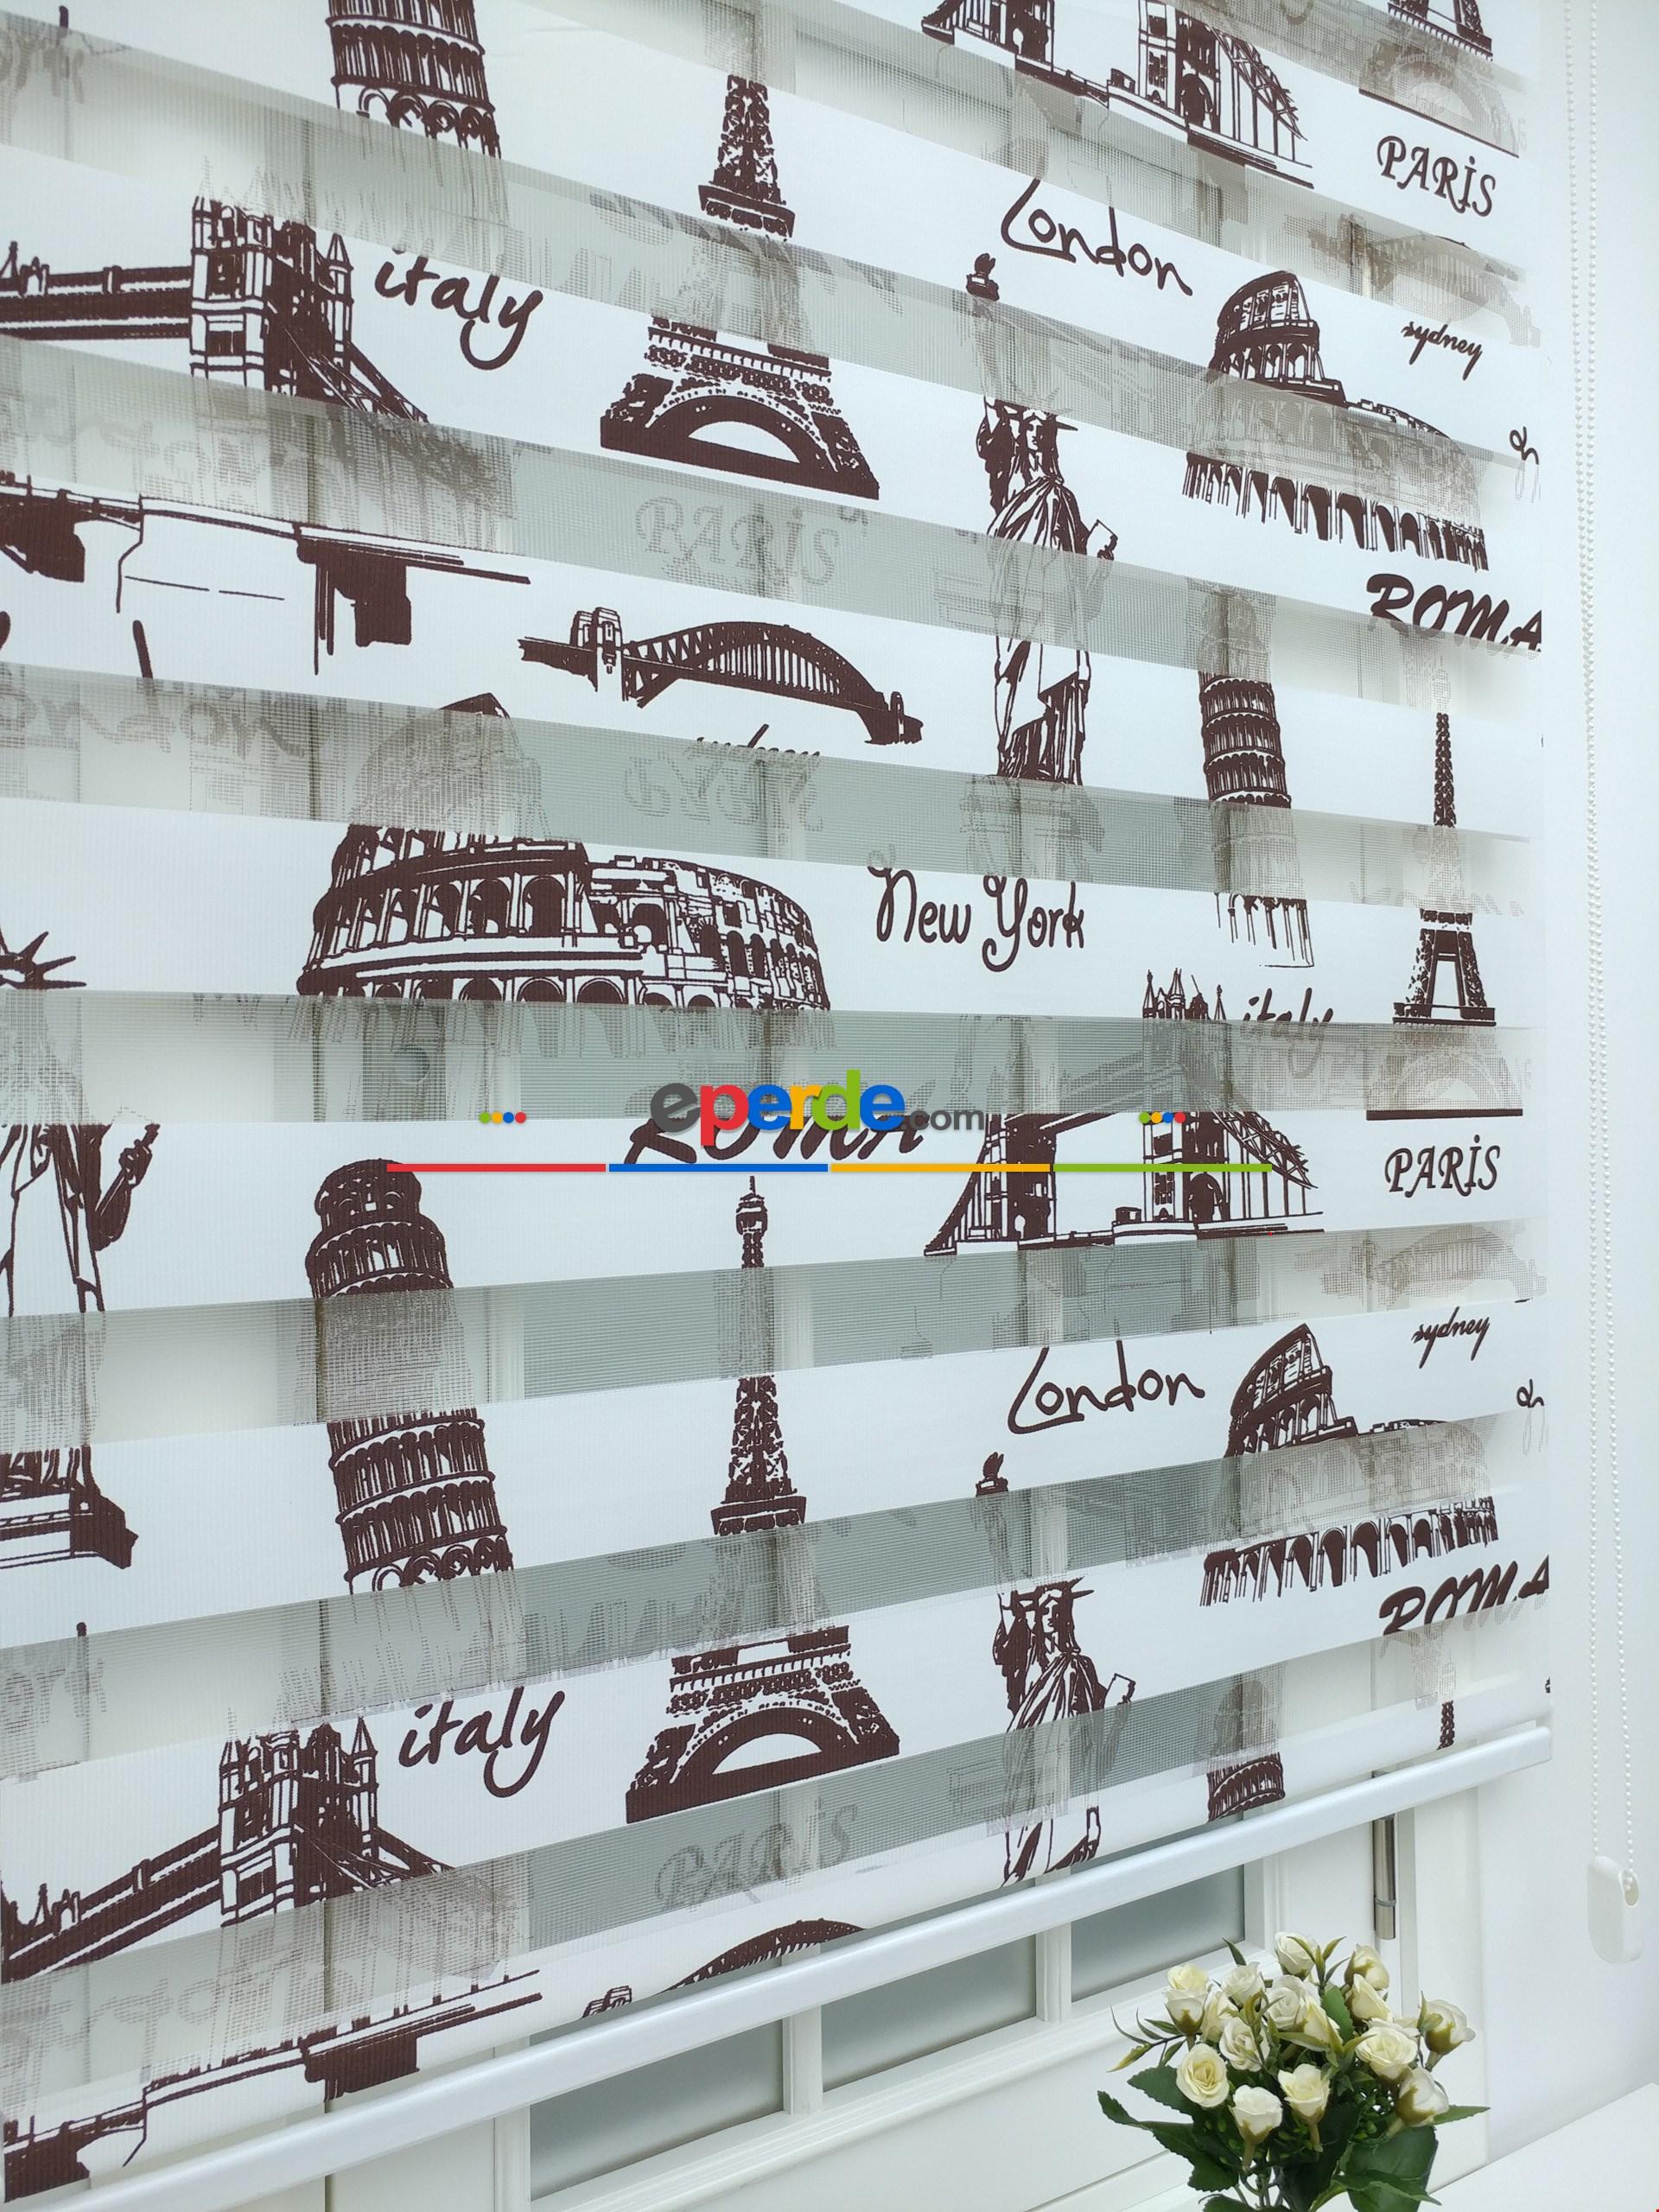 Paris Baskılı Zebra Perde 100x200cm